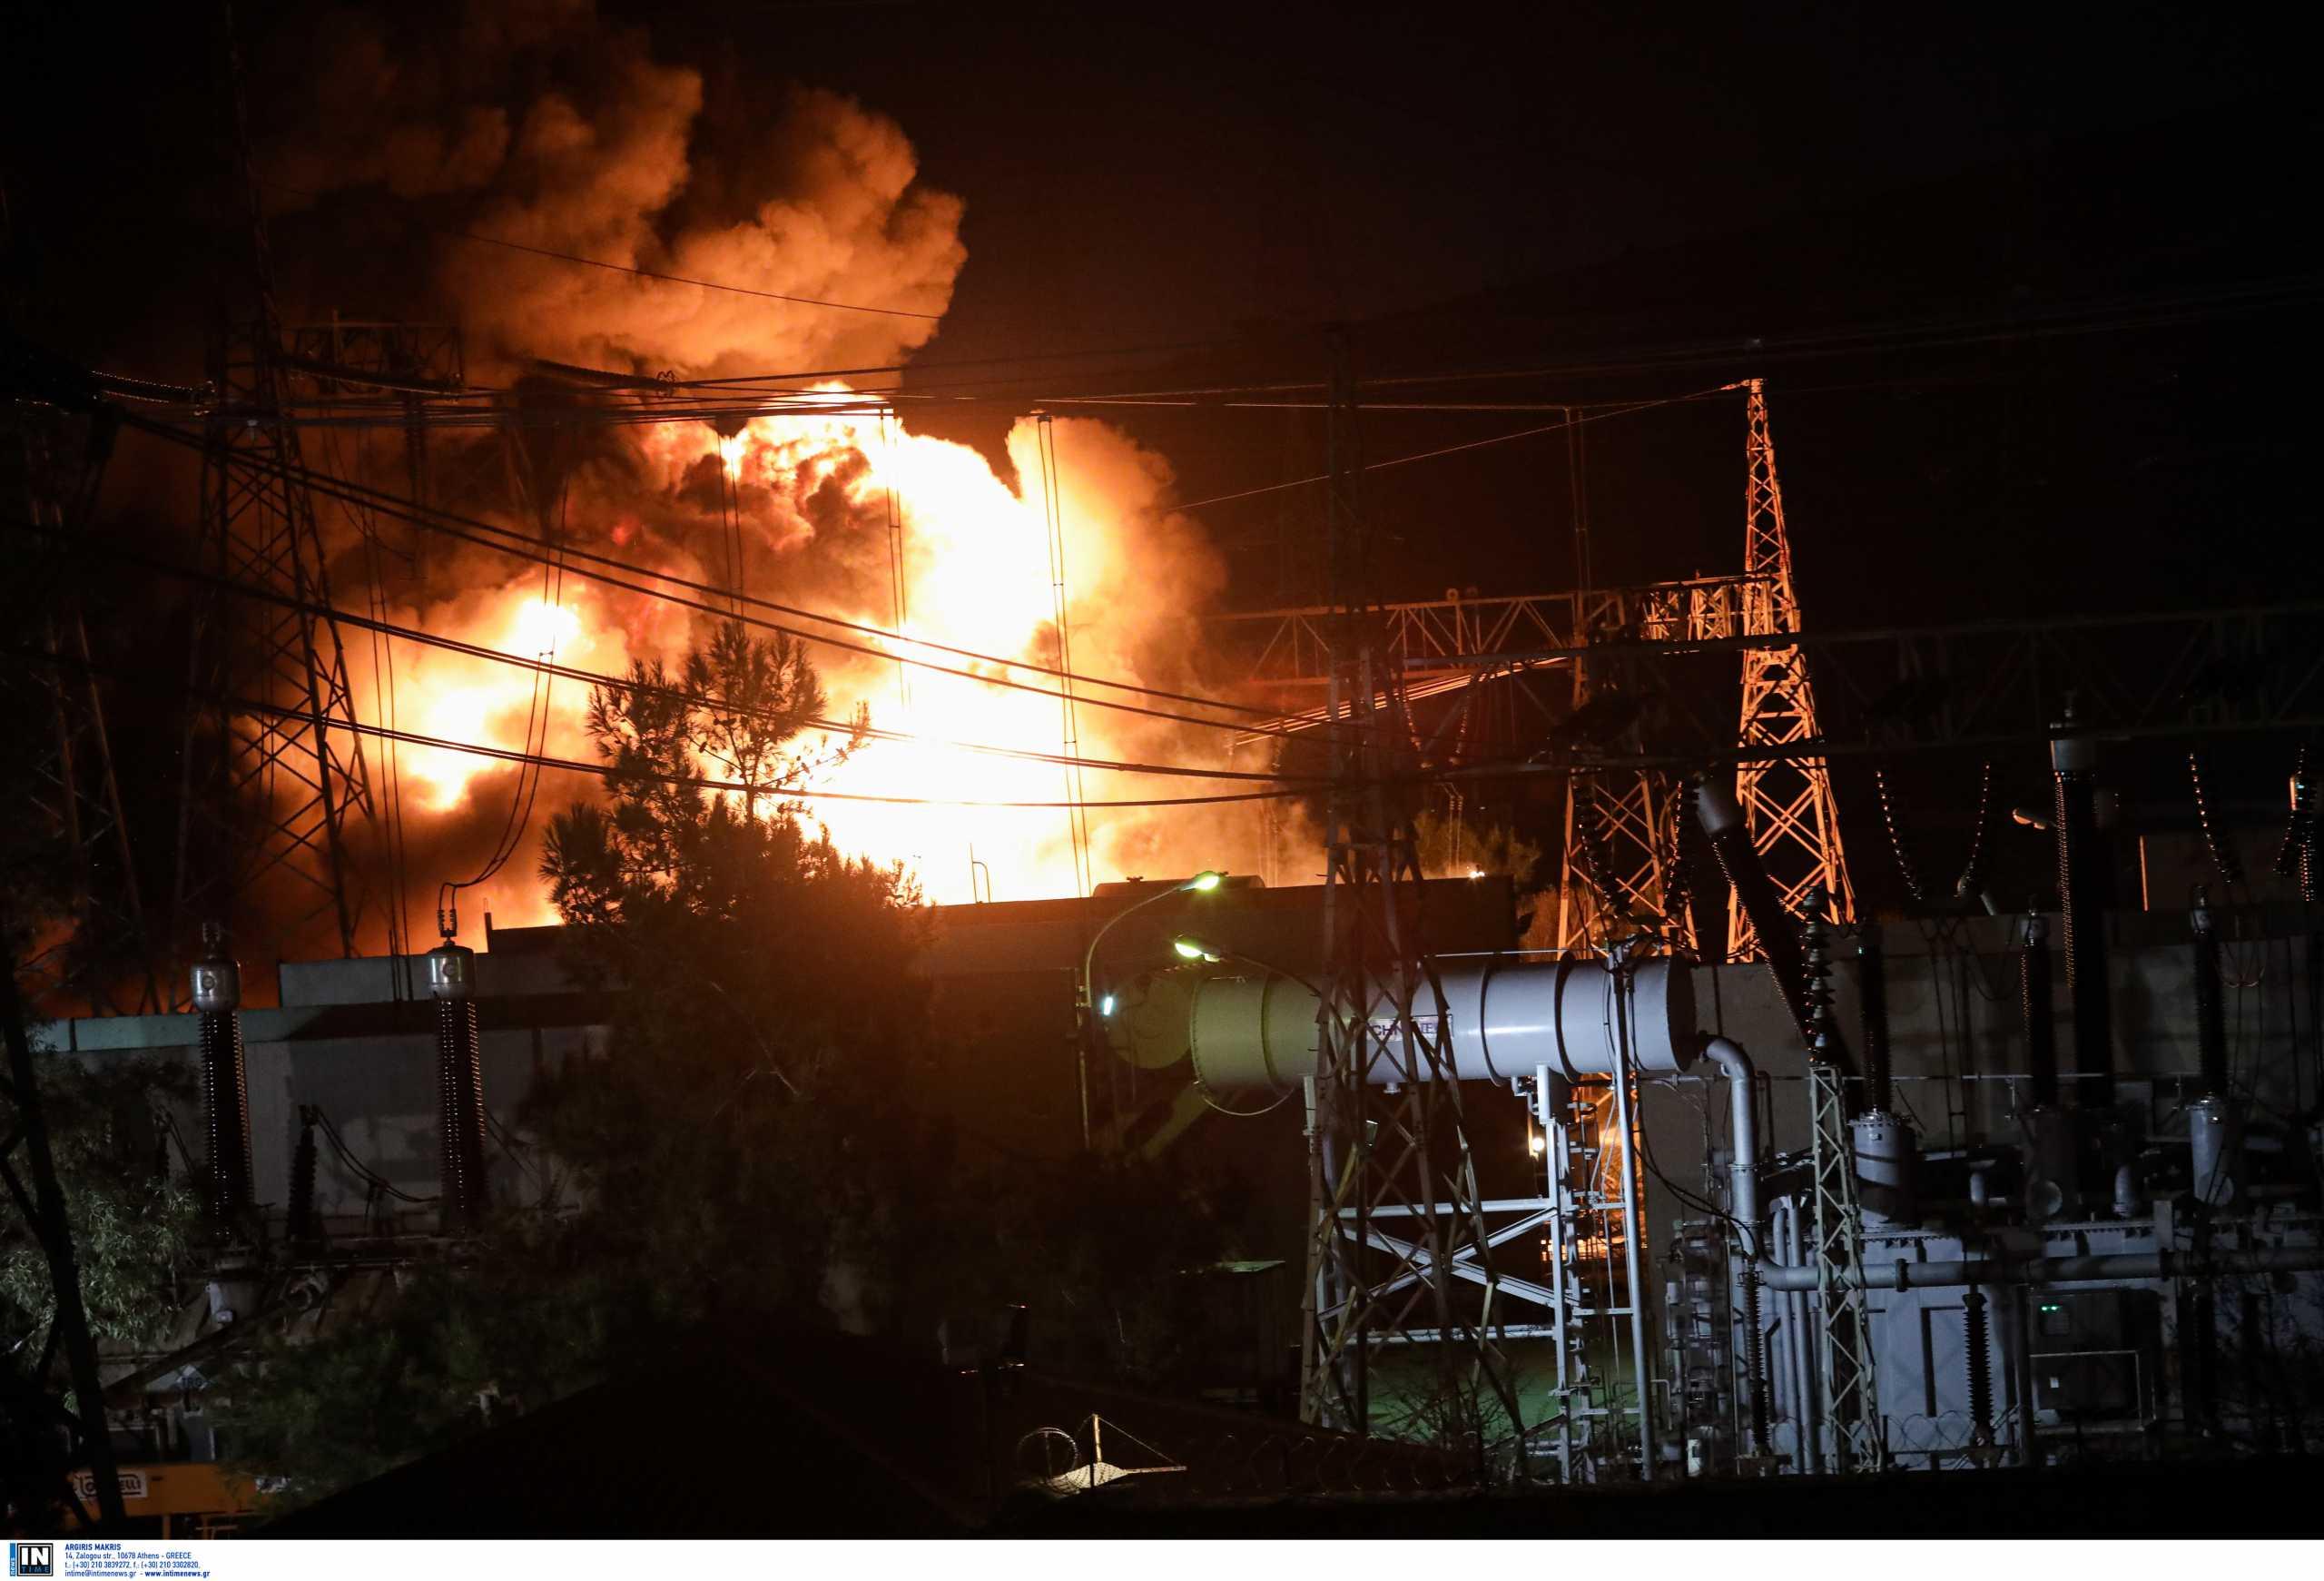 Ασπρόπυργος: Υπό έλεγχο η φωτιά στον υποσταθμό του ΑΔΜΗΕ (pics, video)